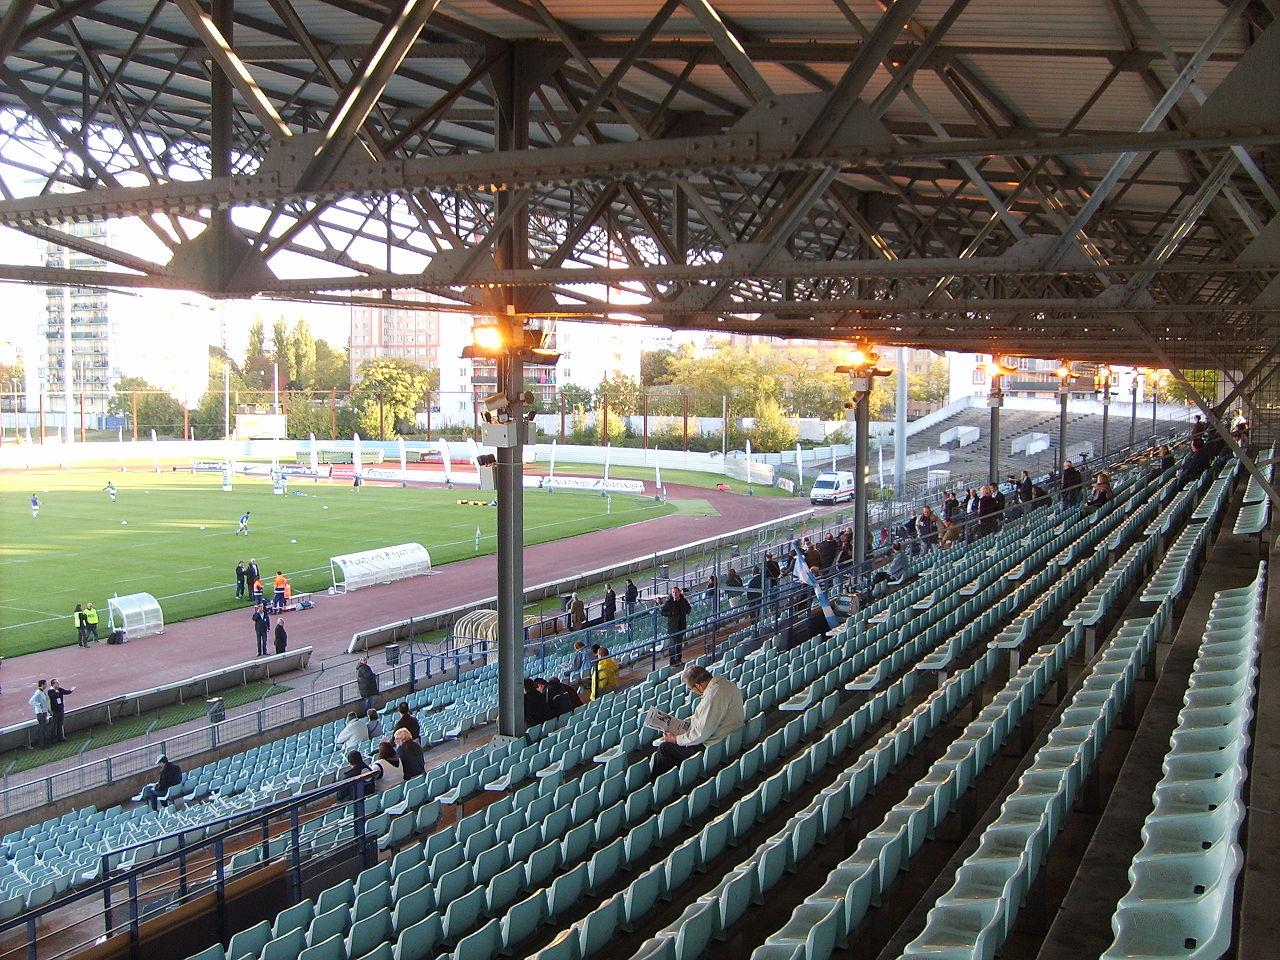 1280px-Stade_Yves_du_Manoir_Colombes7.jpg